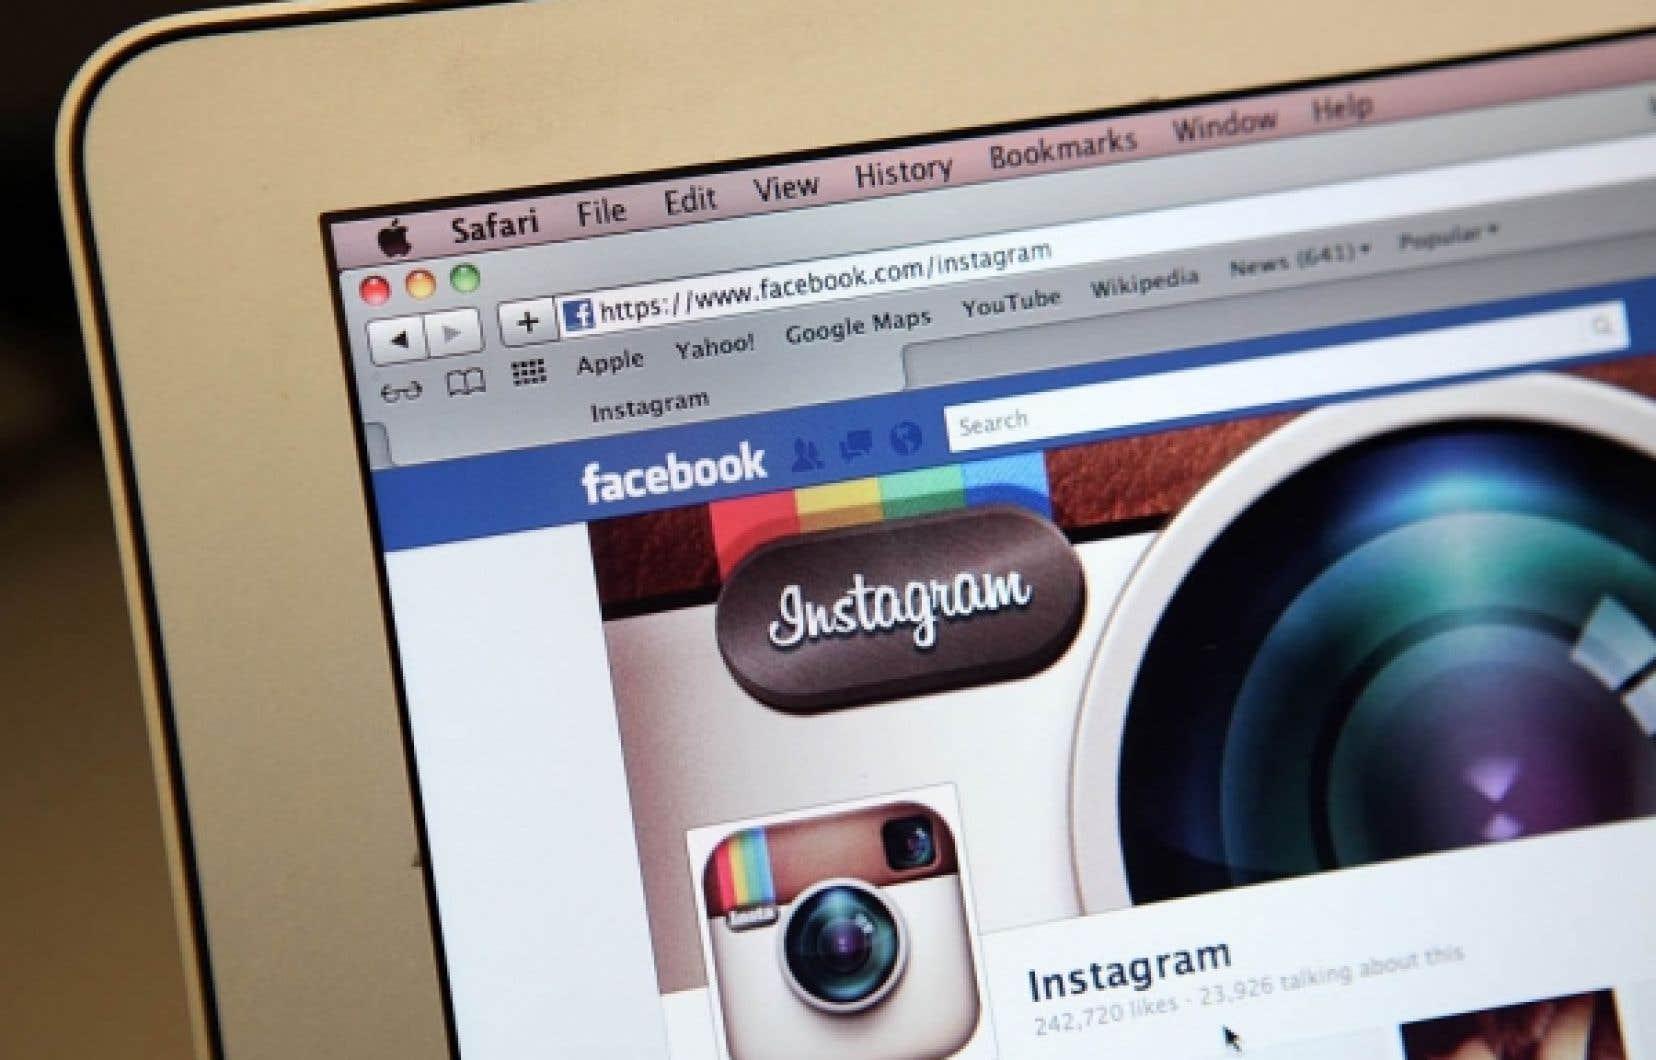 Plus de cinq millions de clich&eacute;s sont mis en ligne sur Instagram chaque jour.<br />